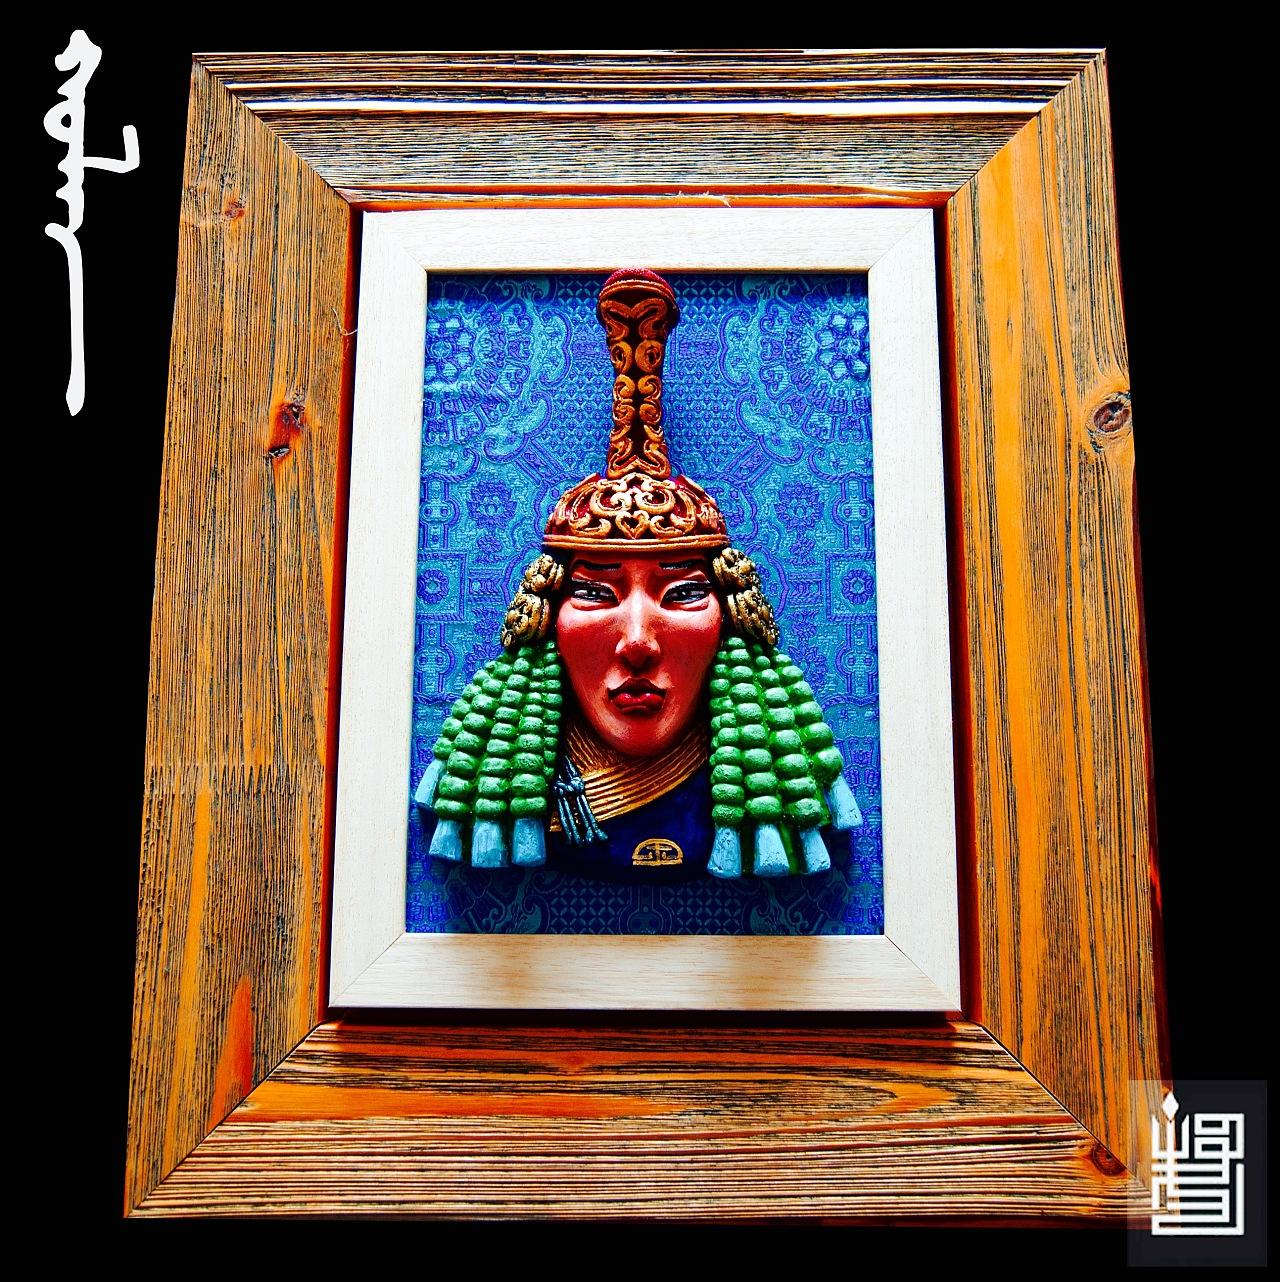 蒙古人物头像工艺装饰品 第4张